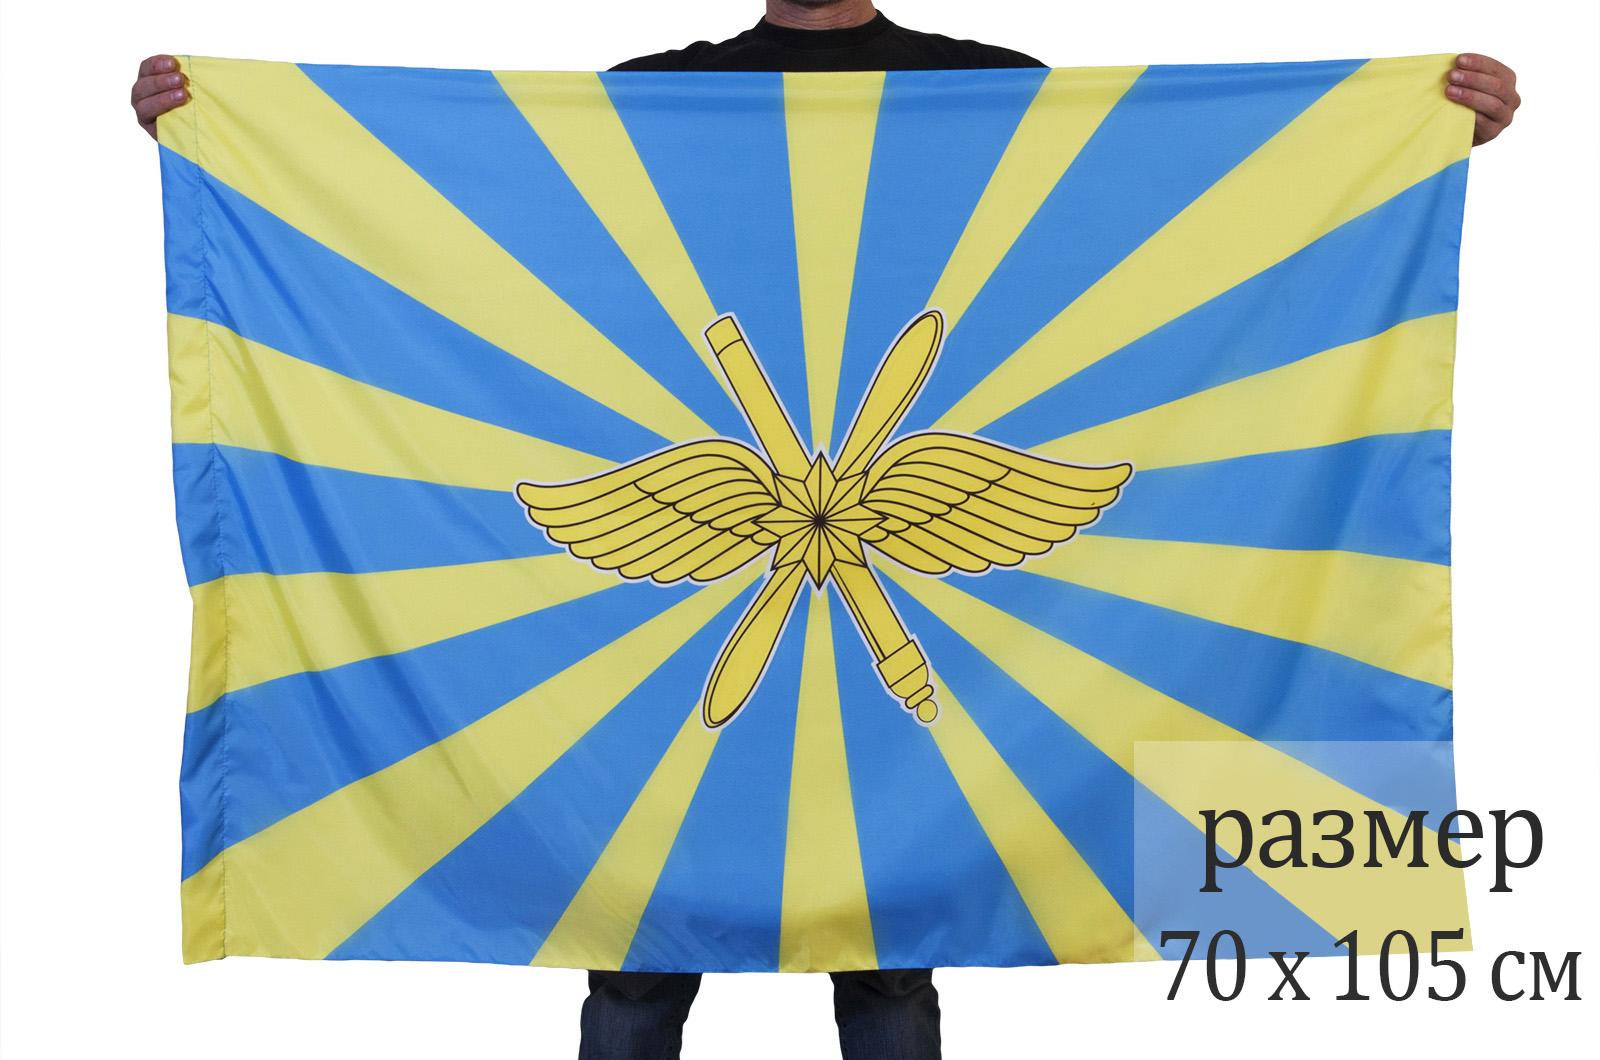 предлагает флаг воздушно-космических сил картинка данной модели